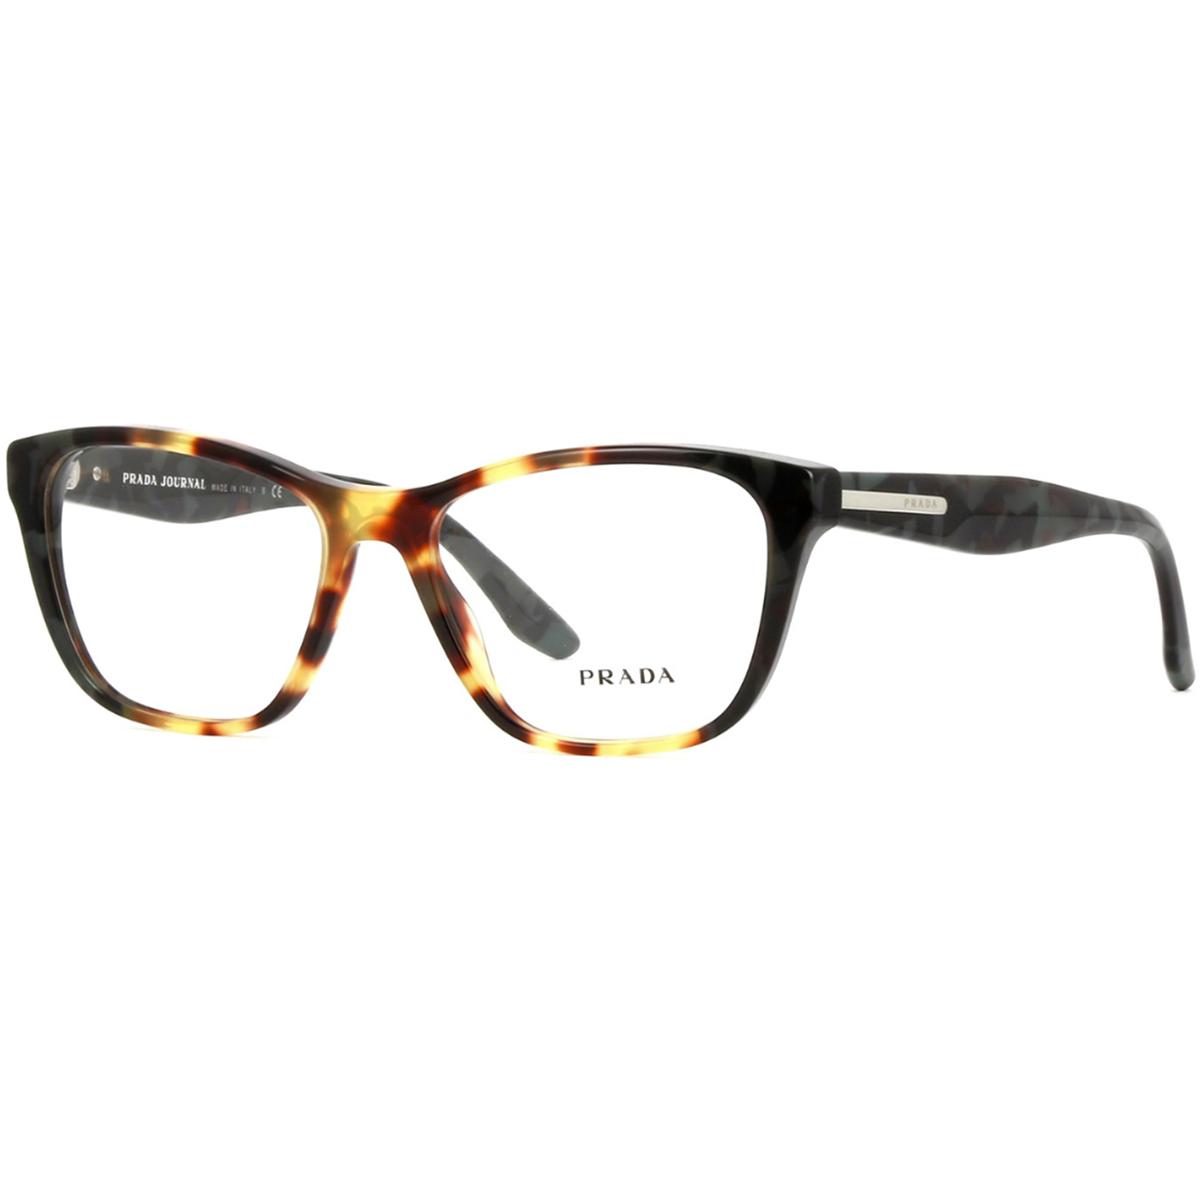 a93f369fc Compre Óculos de Grau Prada Journal em 10X | Tri-Jóia Shop